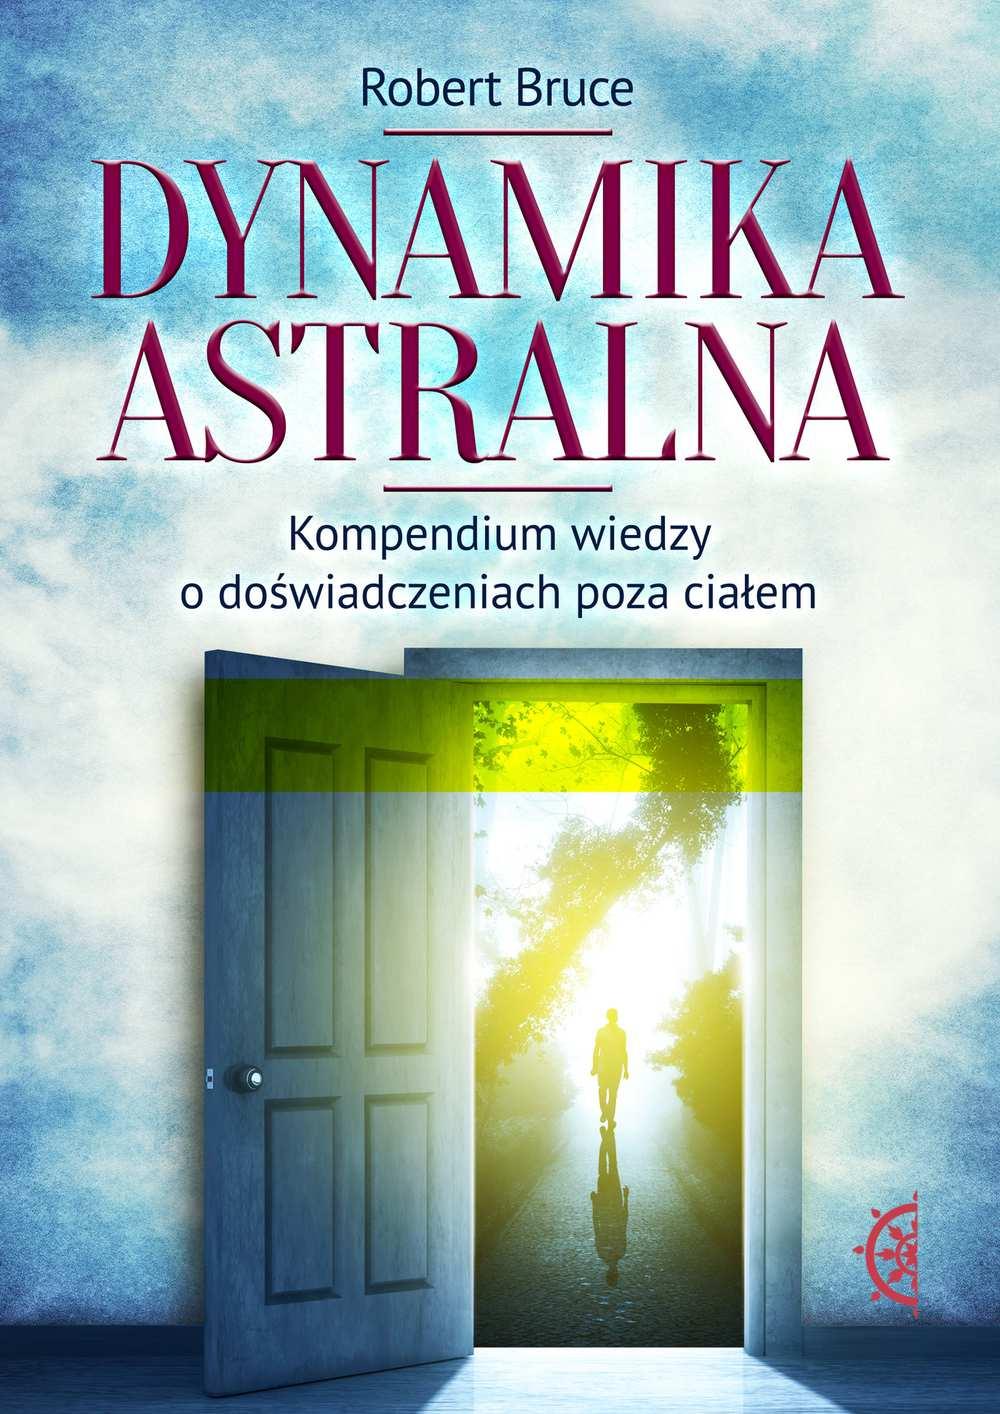 Dynamika astralna. Kompendium wiedzy o doświadczeniach poza ciałem - Ebook (Książka EPUB) do pobrania w formacie EPUB